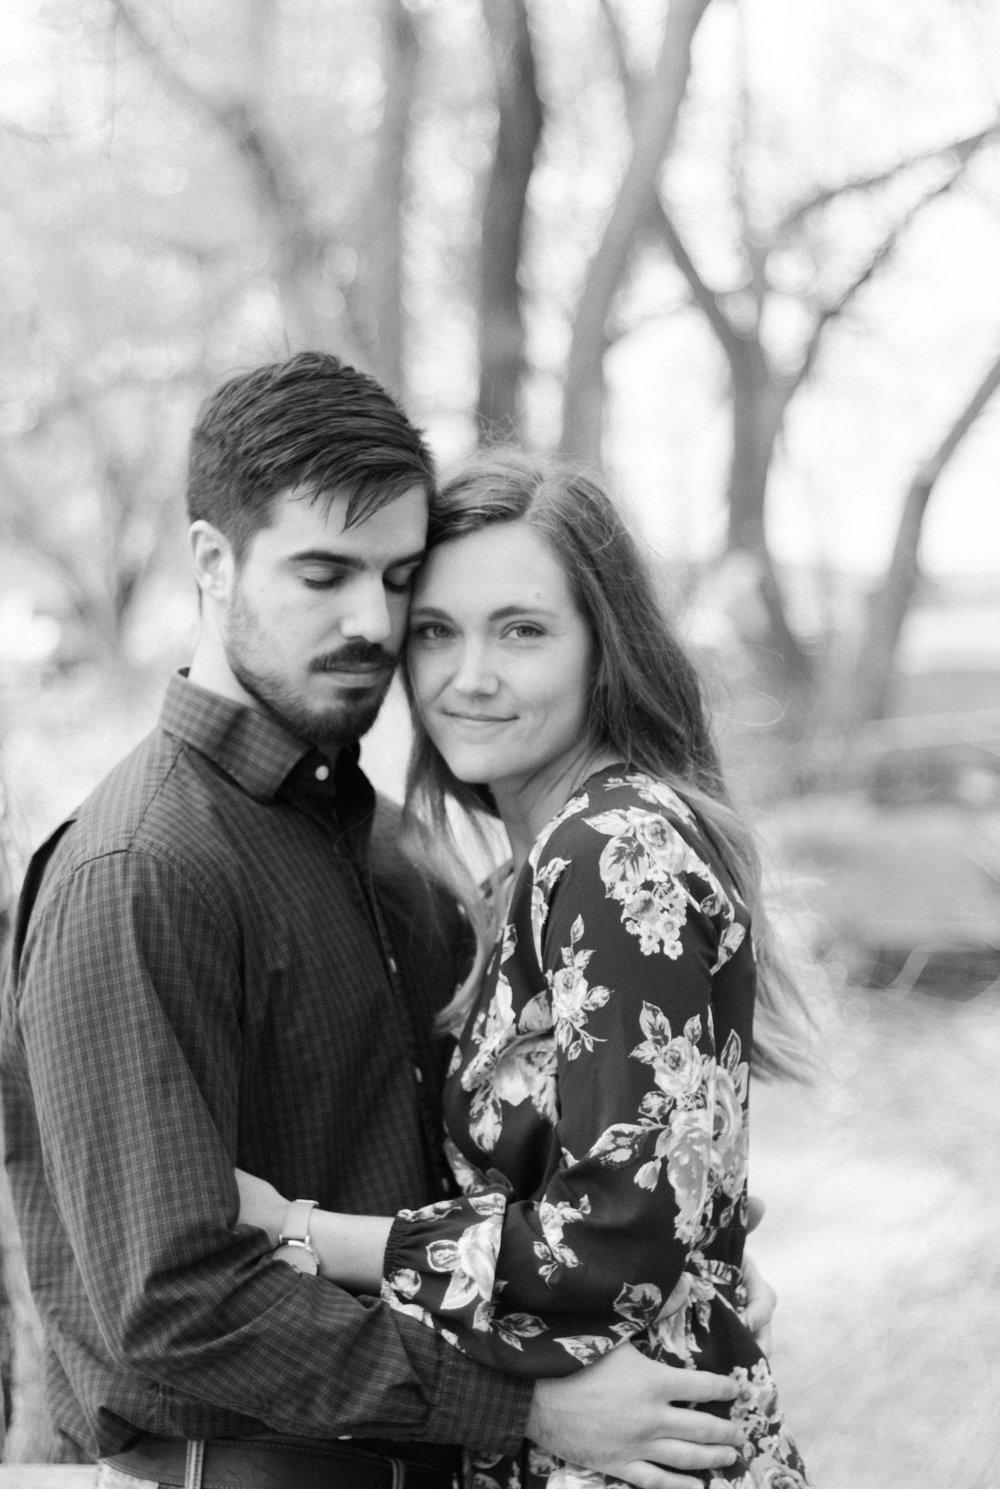 colorado springs colorado denver estes park rocky mountain elopement wedding engagement photography photographer